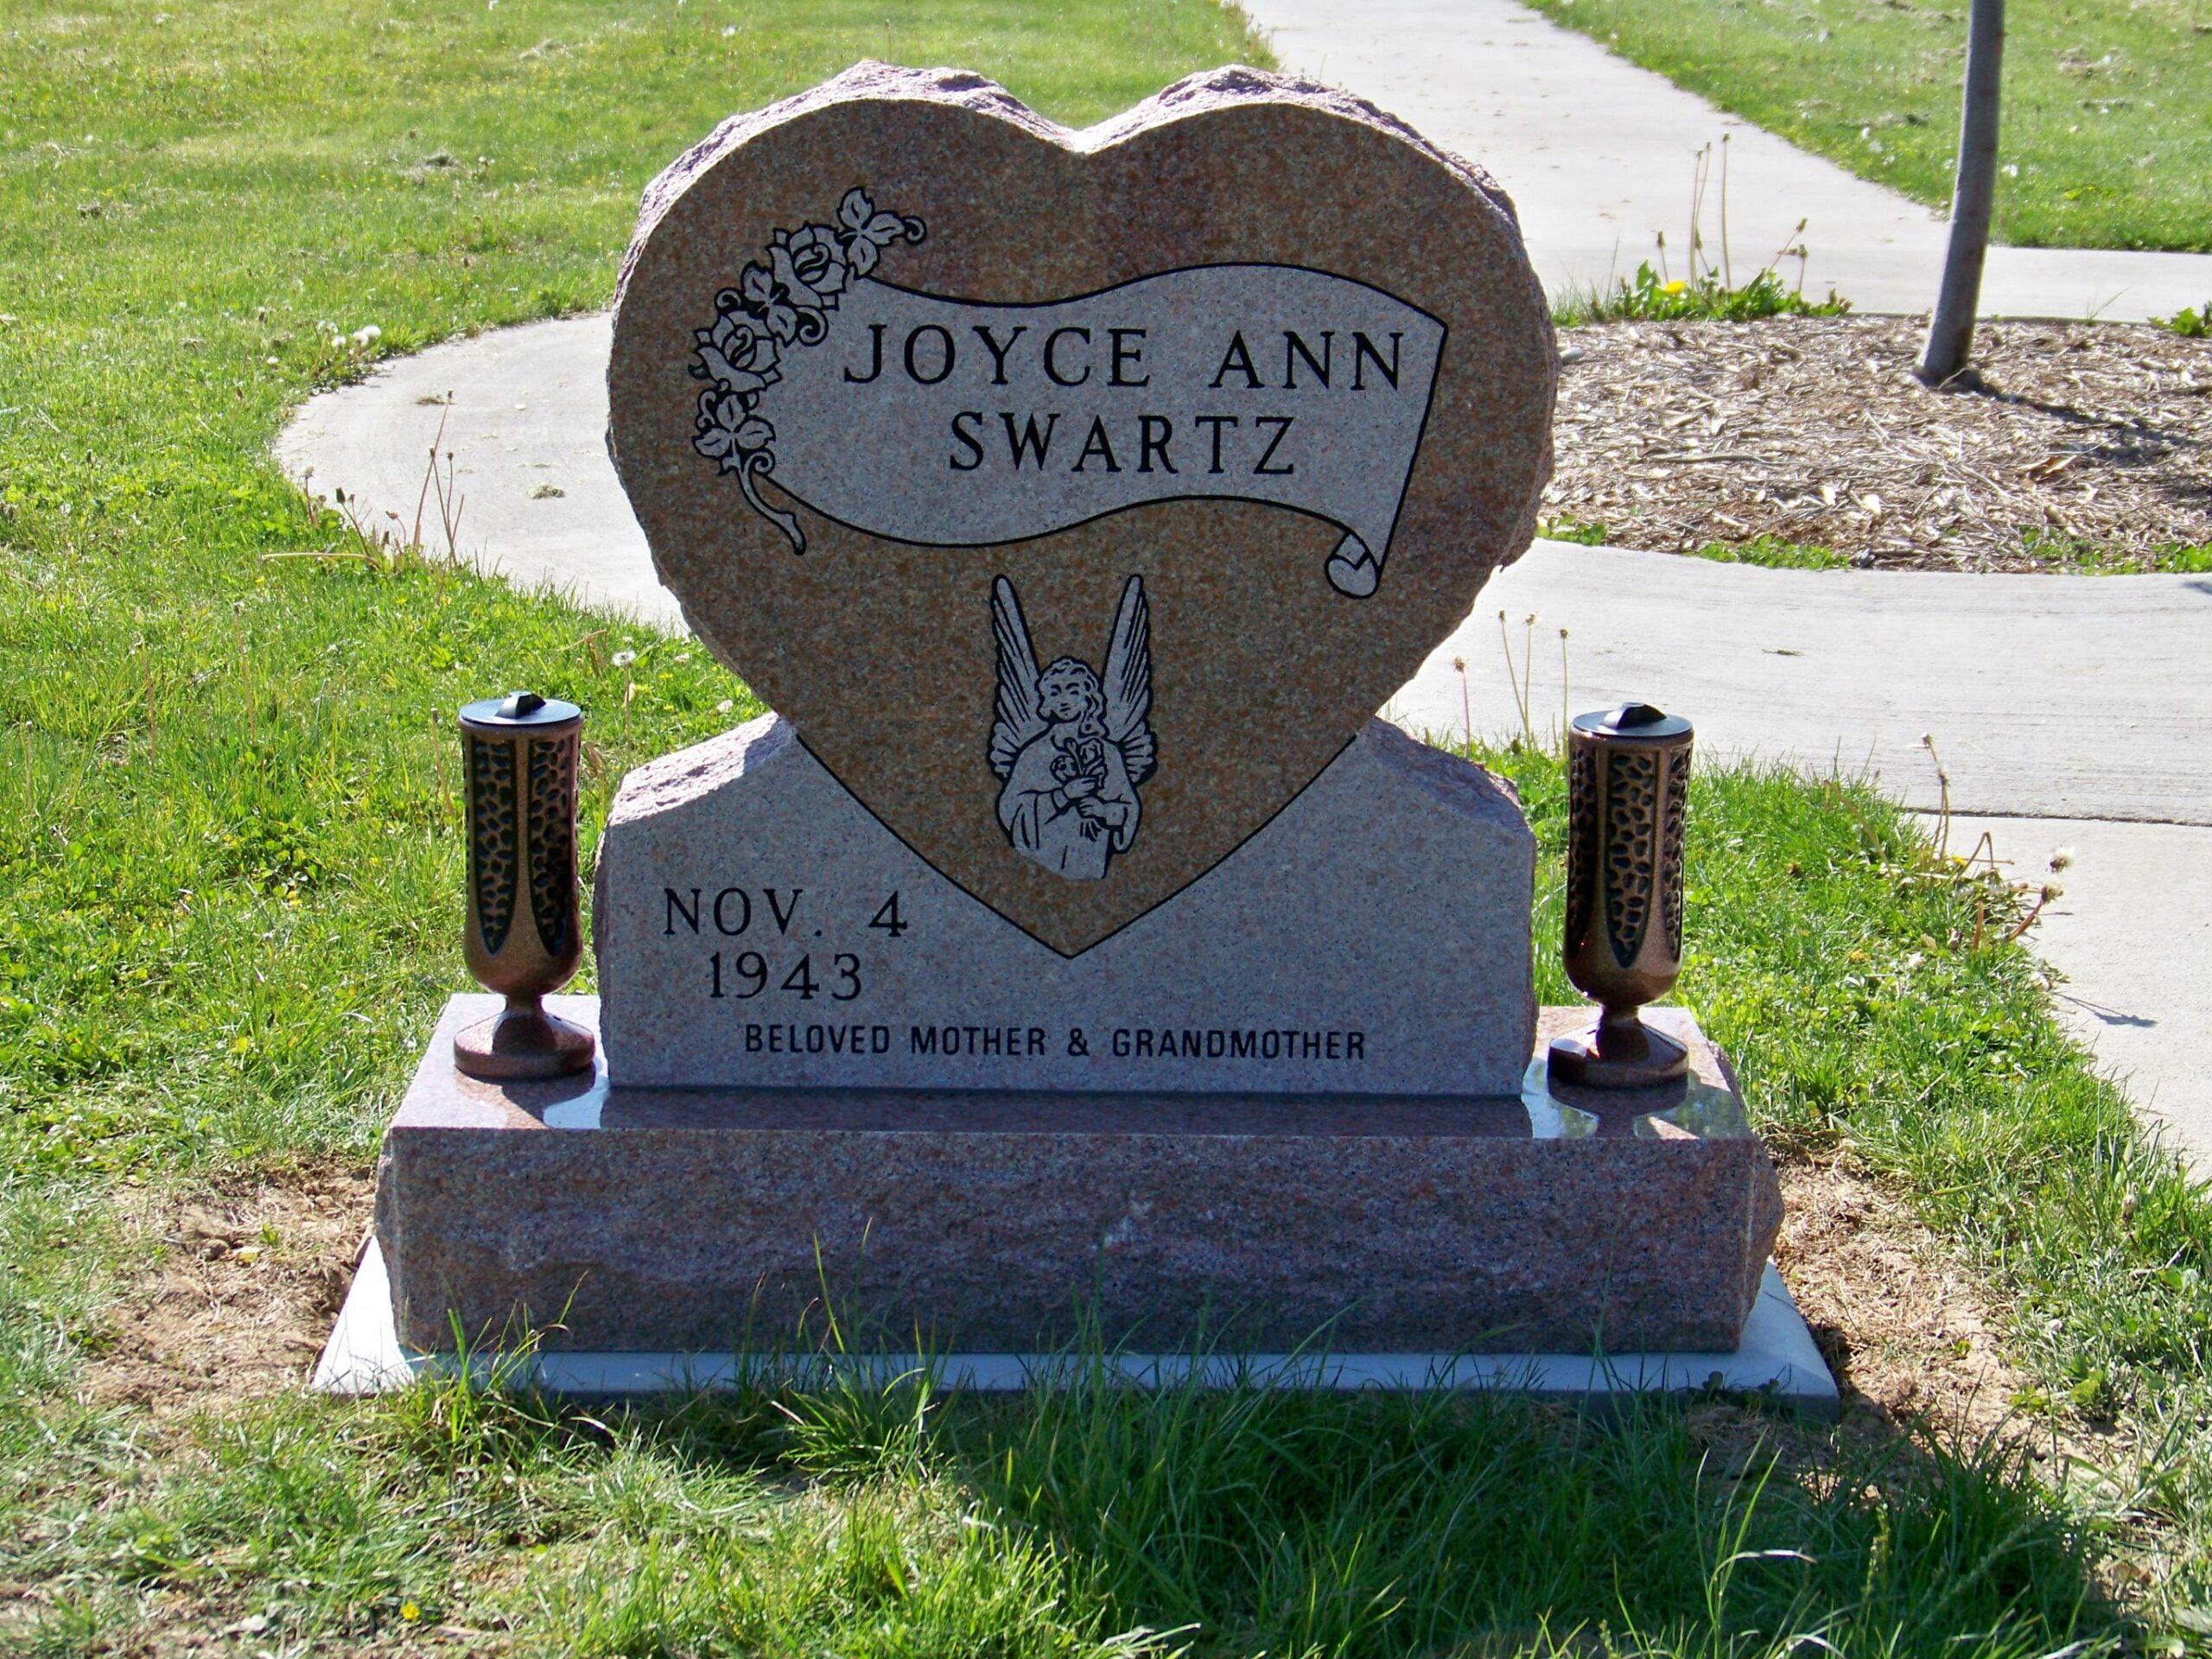 Swartz, Joyce Ann